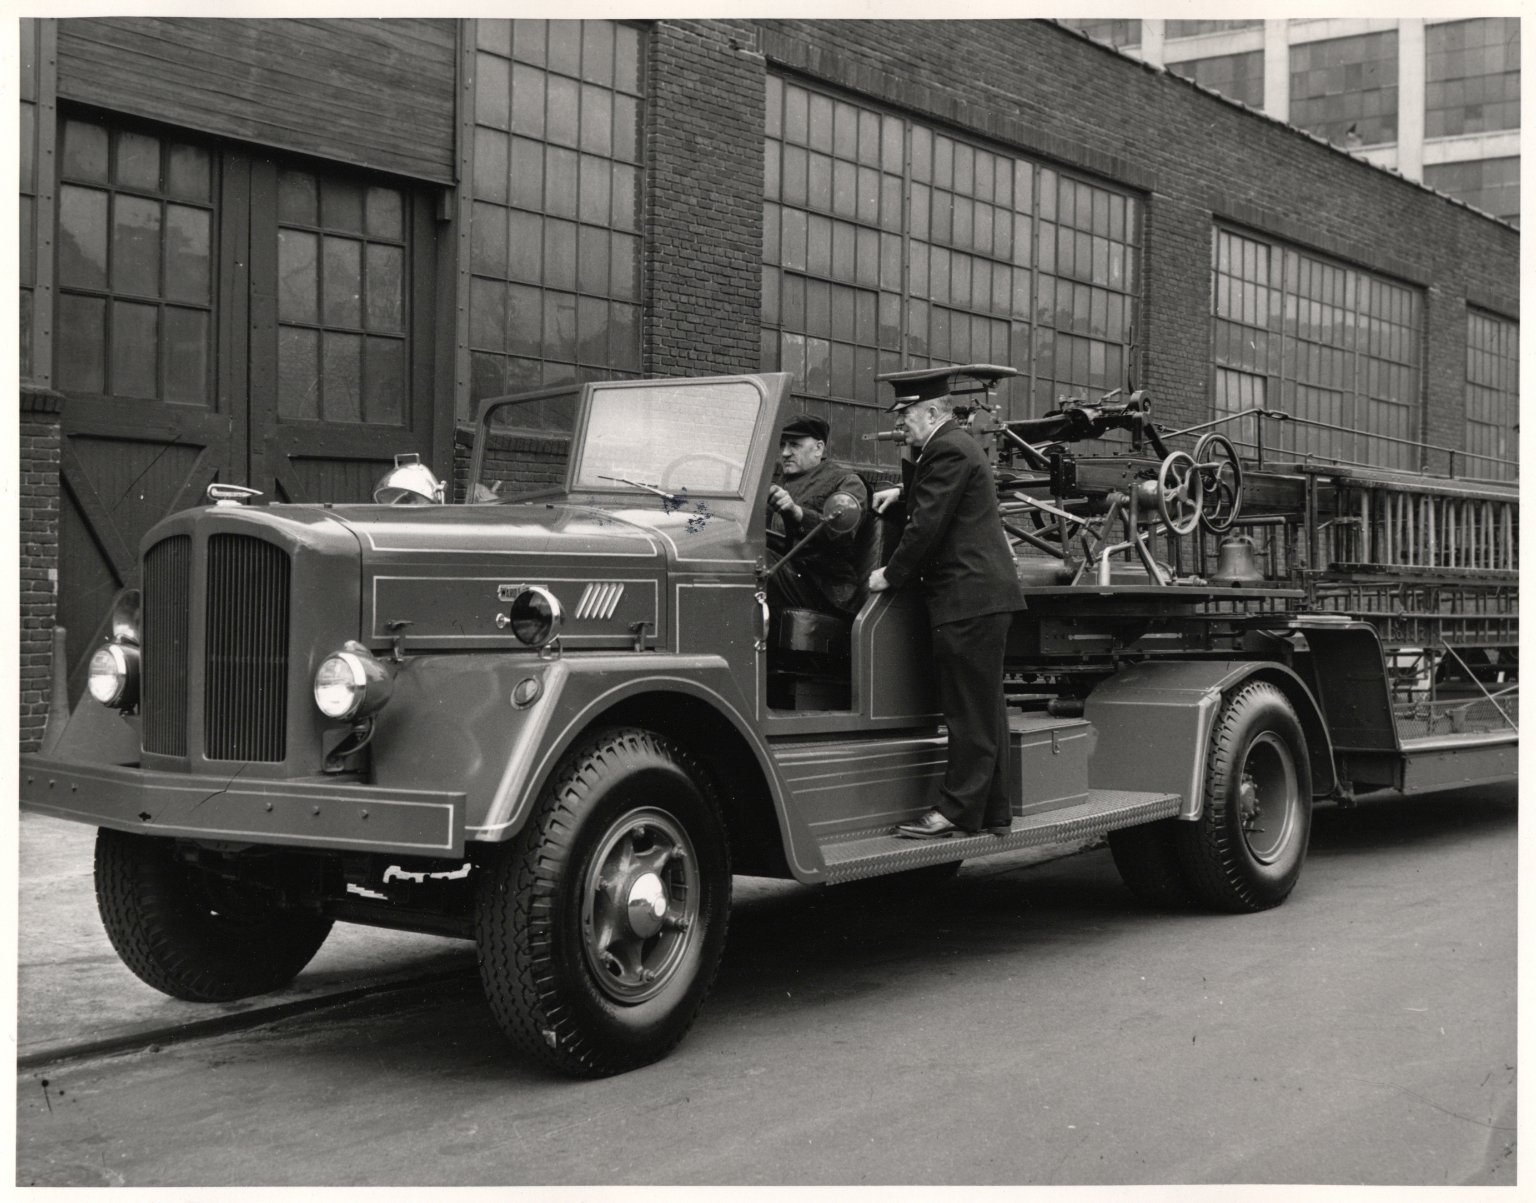 Инспекция работы водителя автолестницы. Нью-Йорк, США. 1930-е